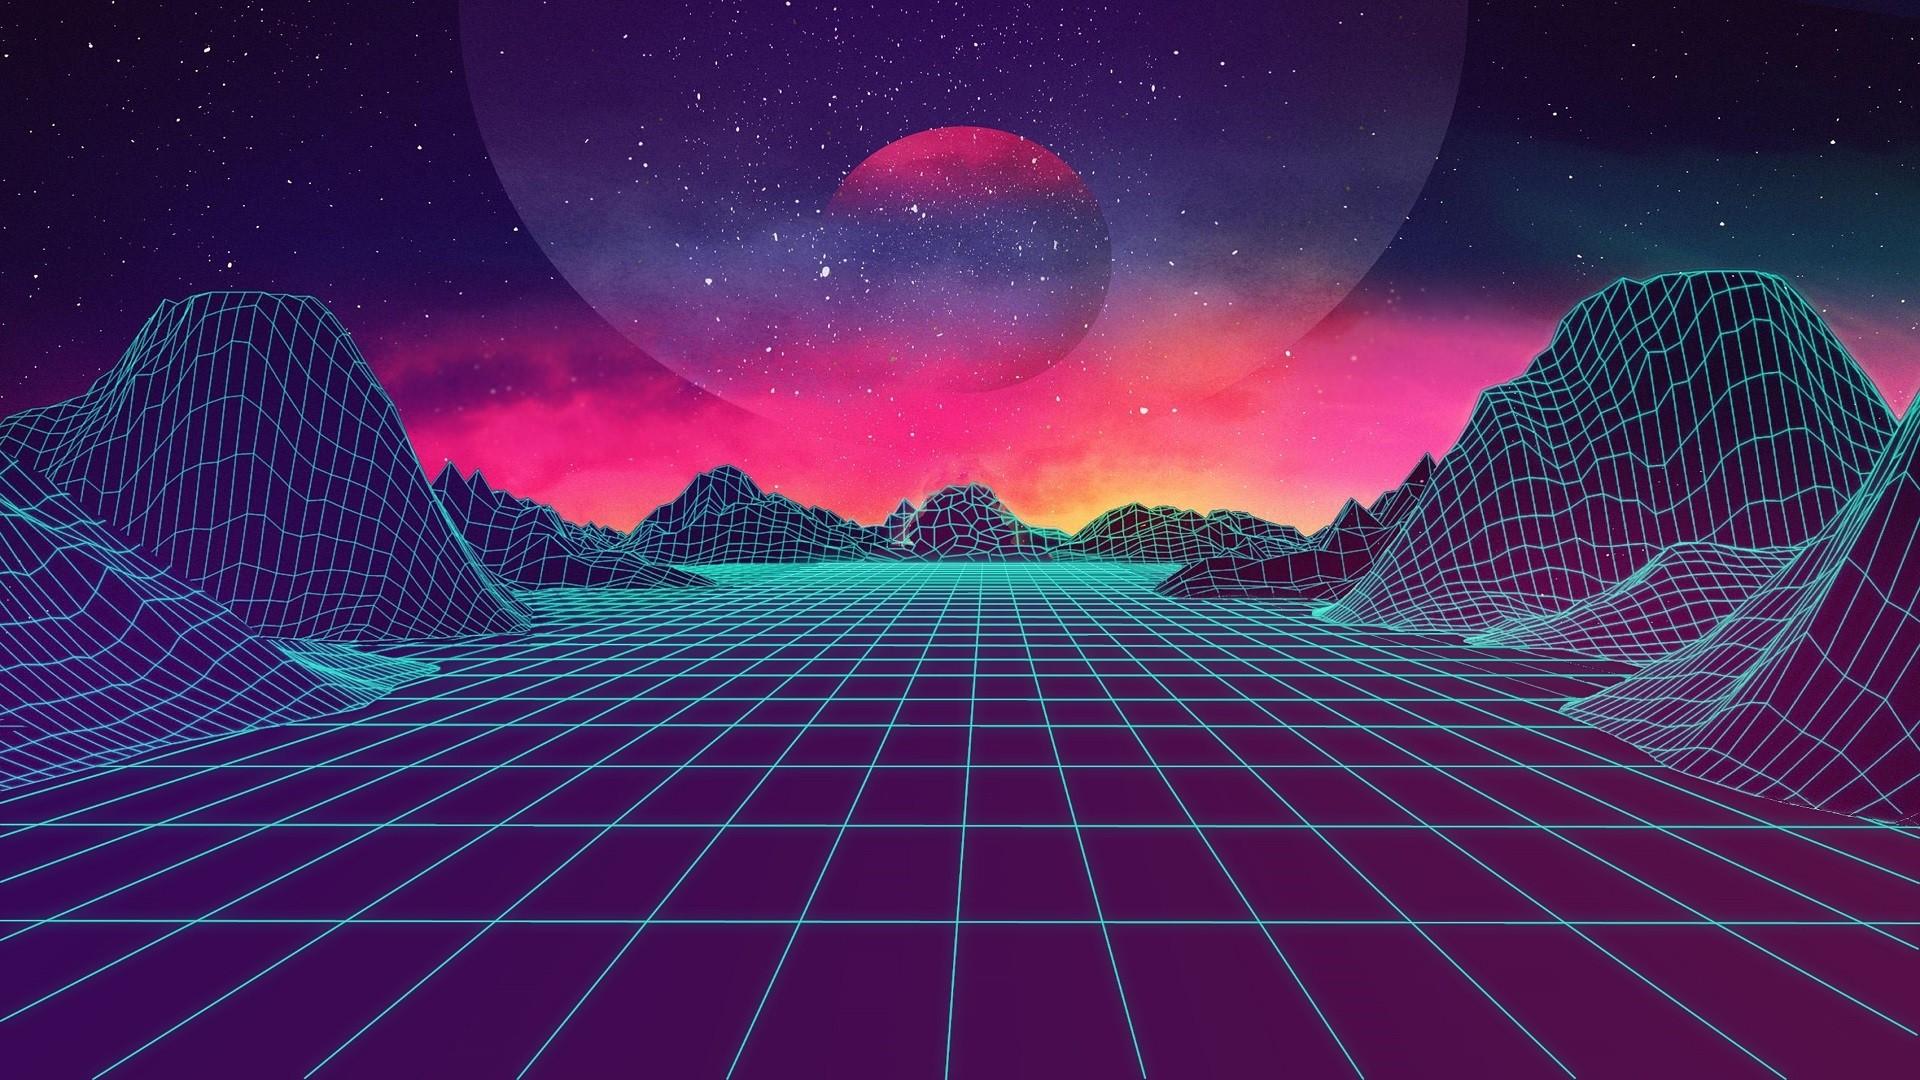 Aesthetic Retro Background